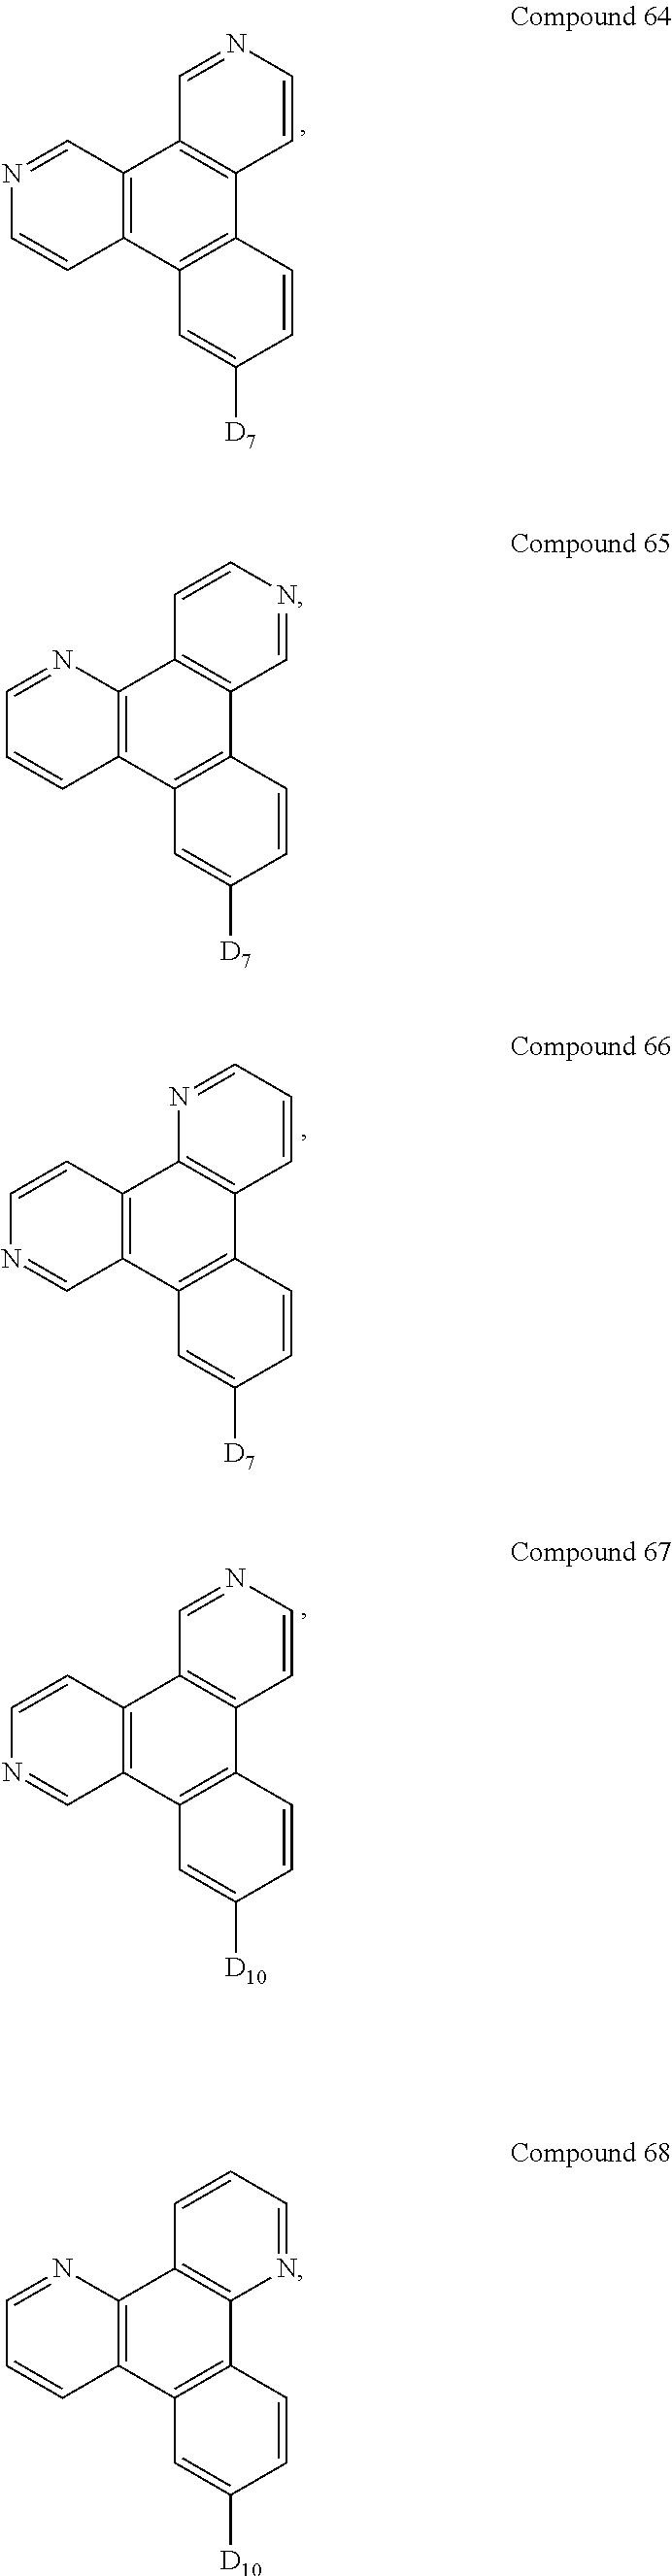 Figure US09537106-20170103-C00506